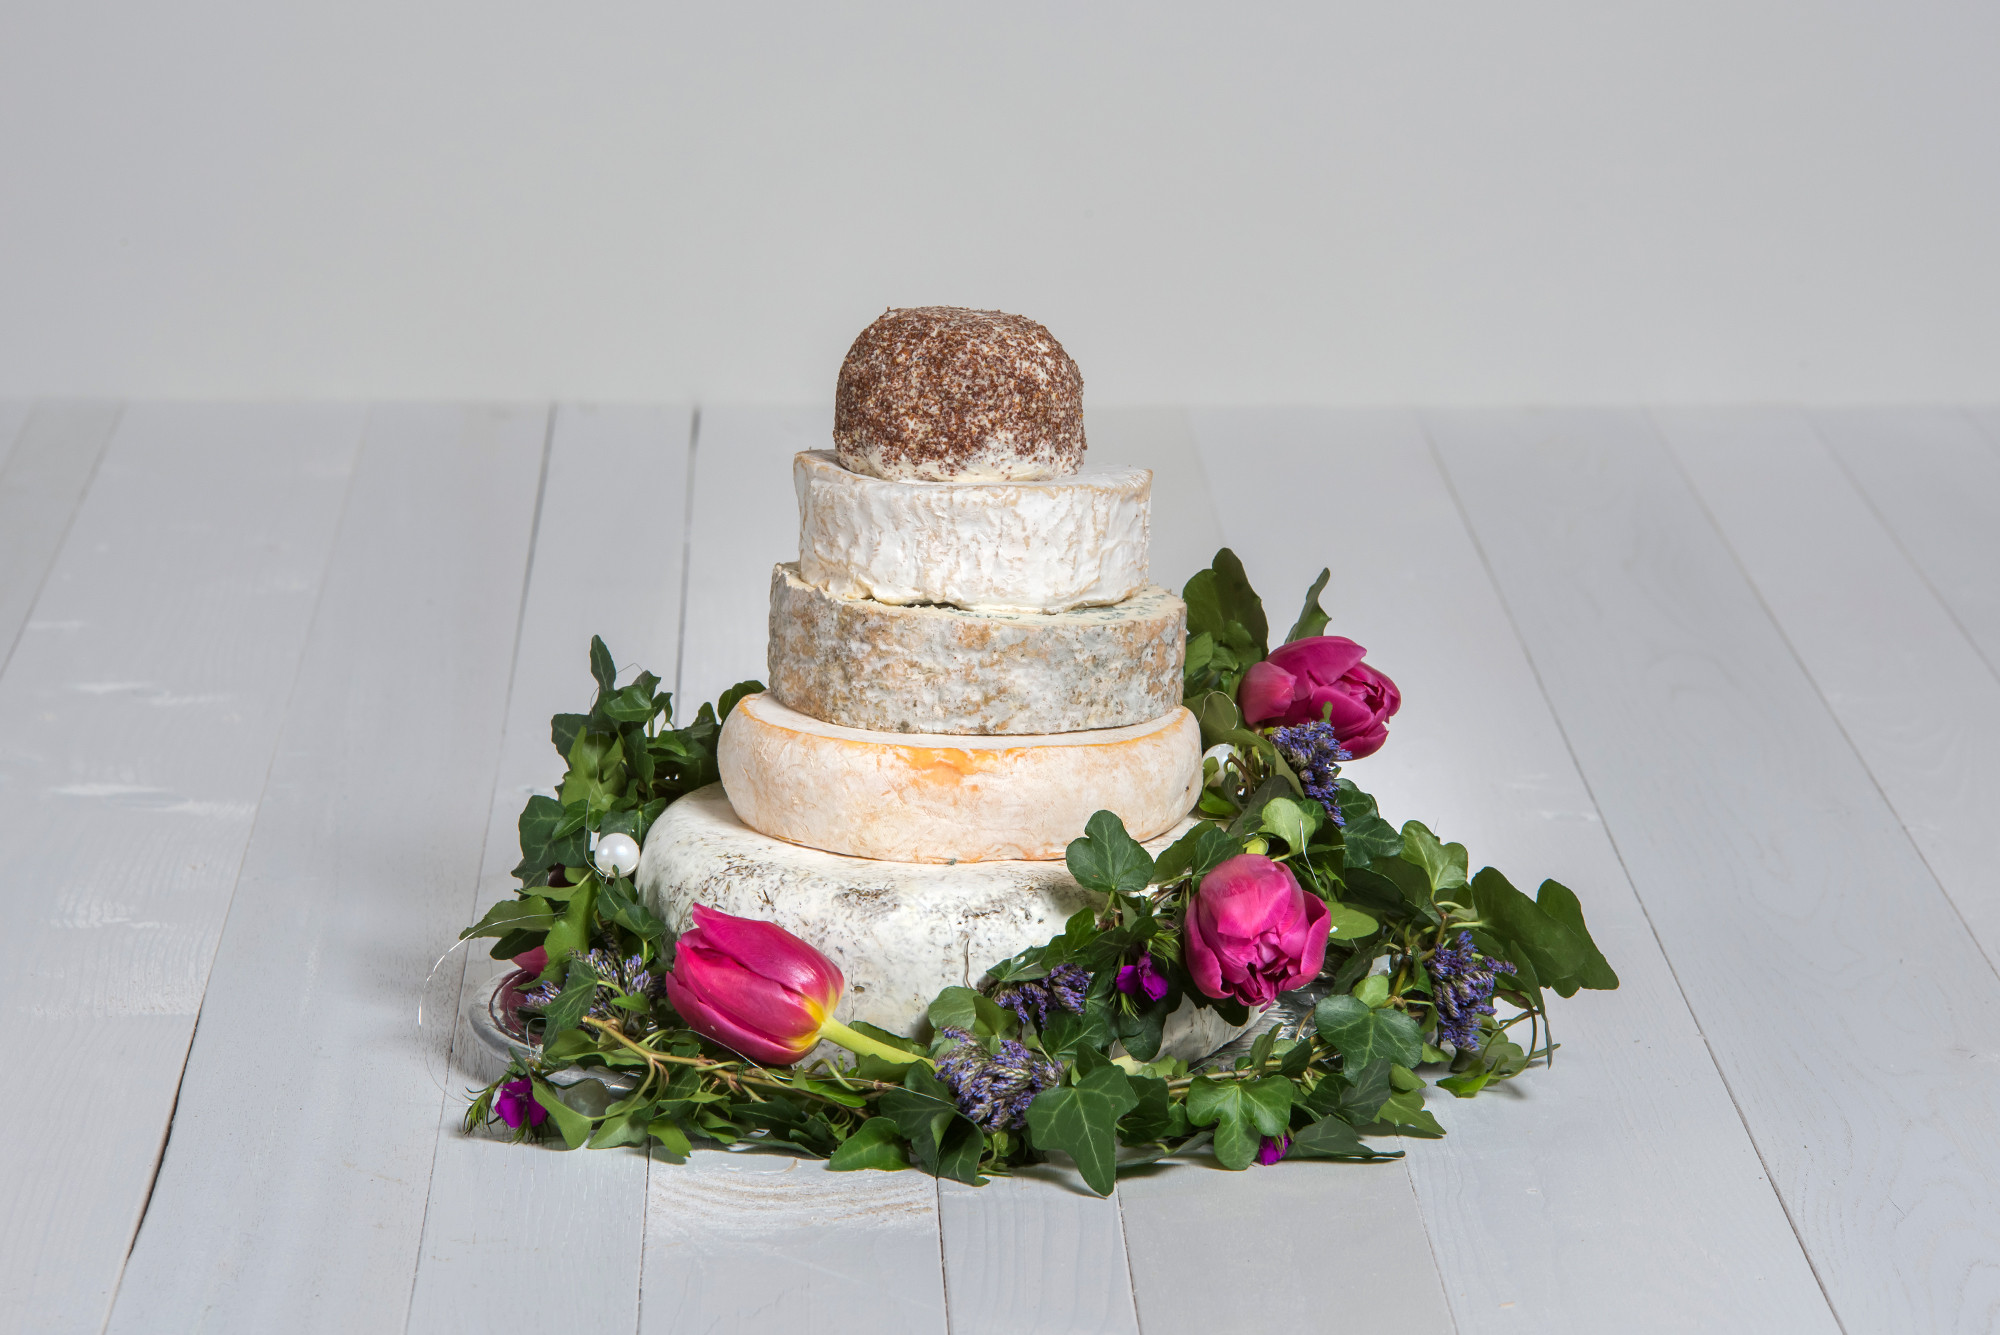 Käse-Hochzeitstorte 'Fabiola'